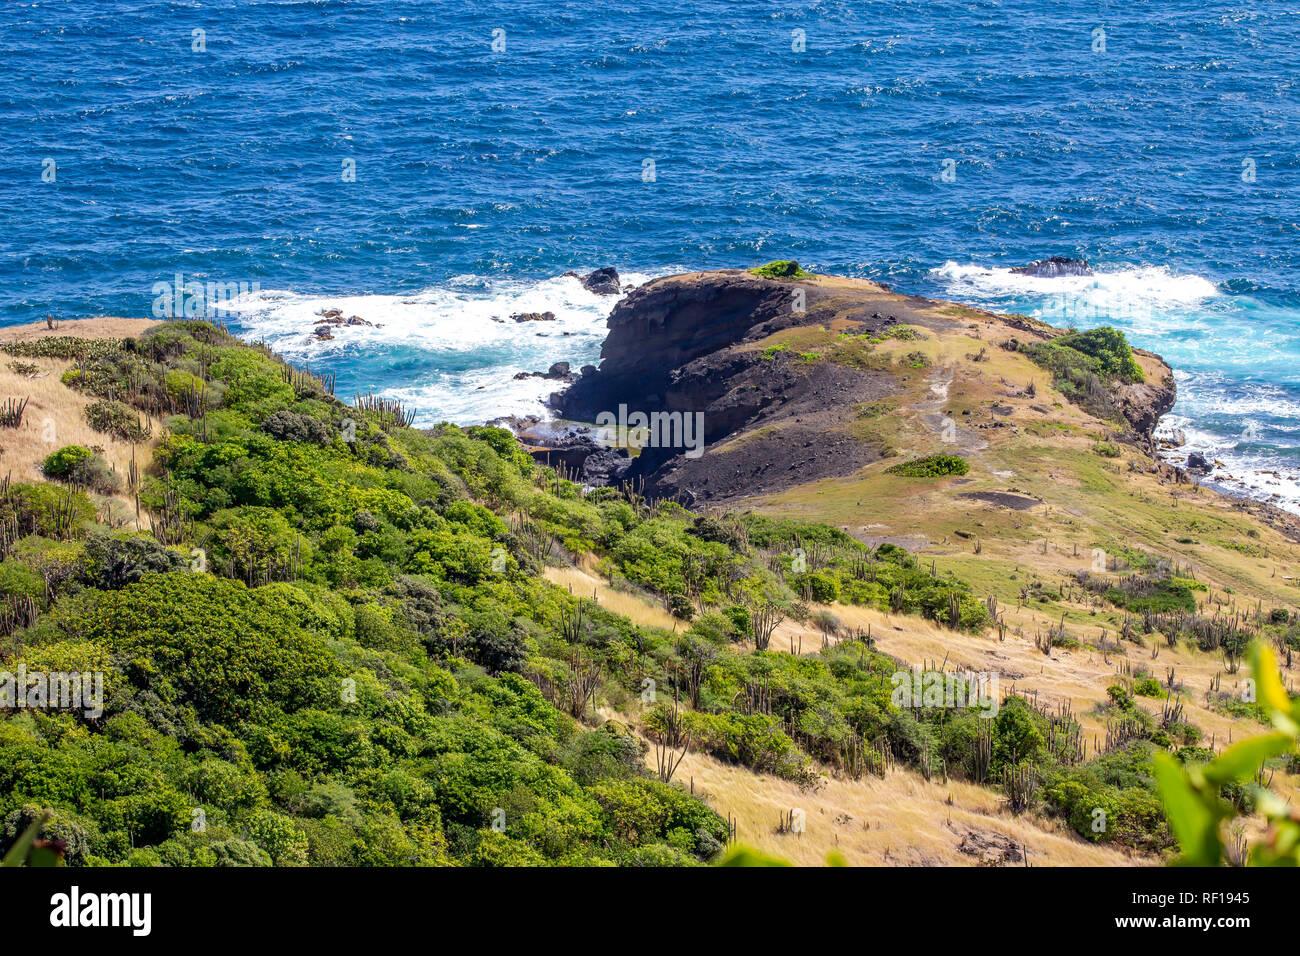 Castries Sainte-lucie l'une des îles Windward dans les Caraïbes. Banque D'Images